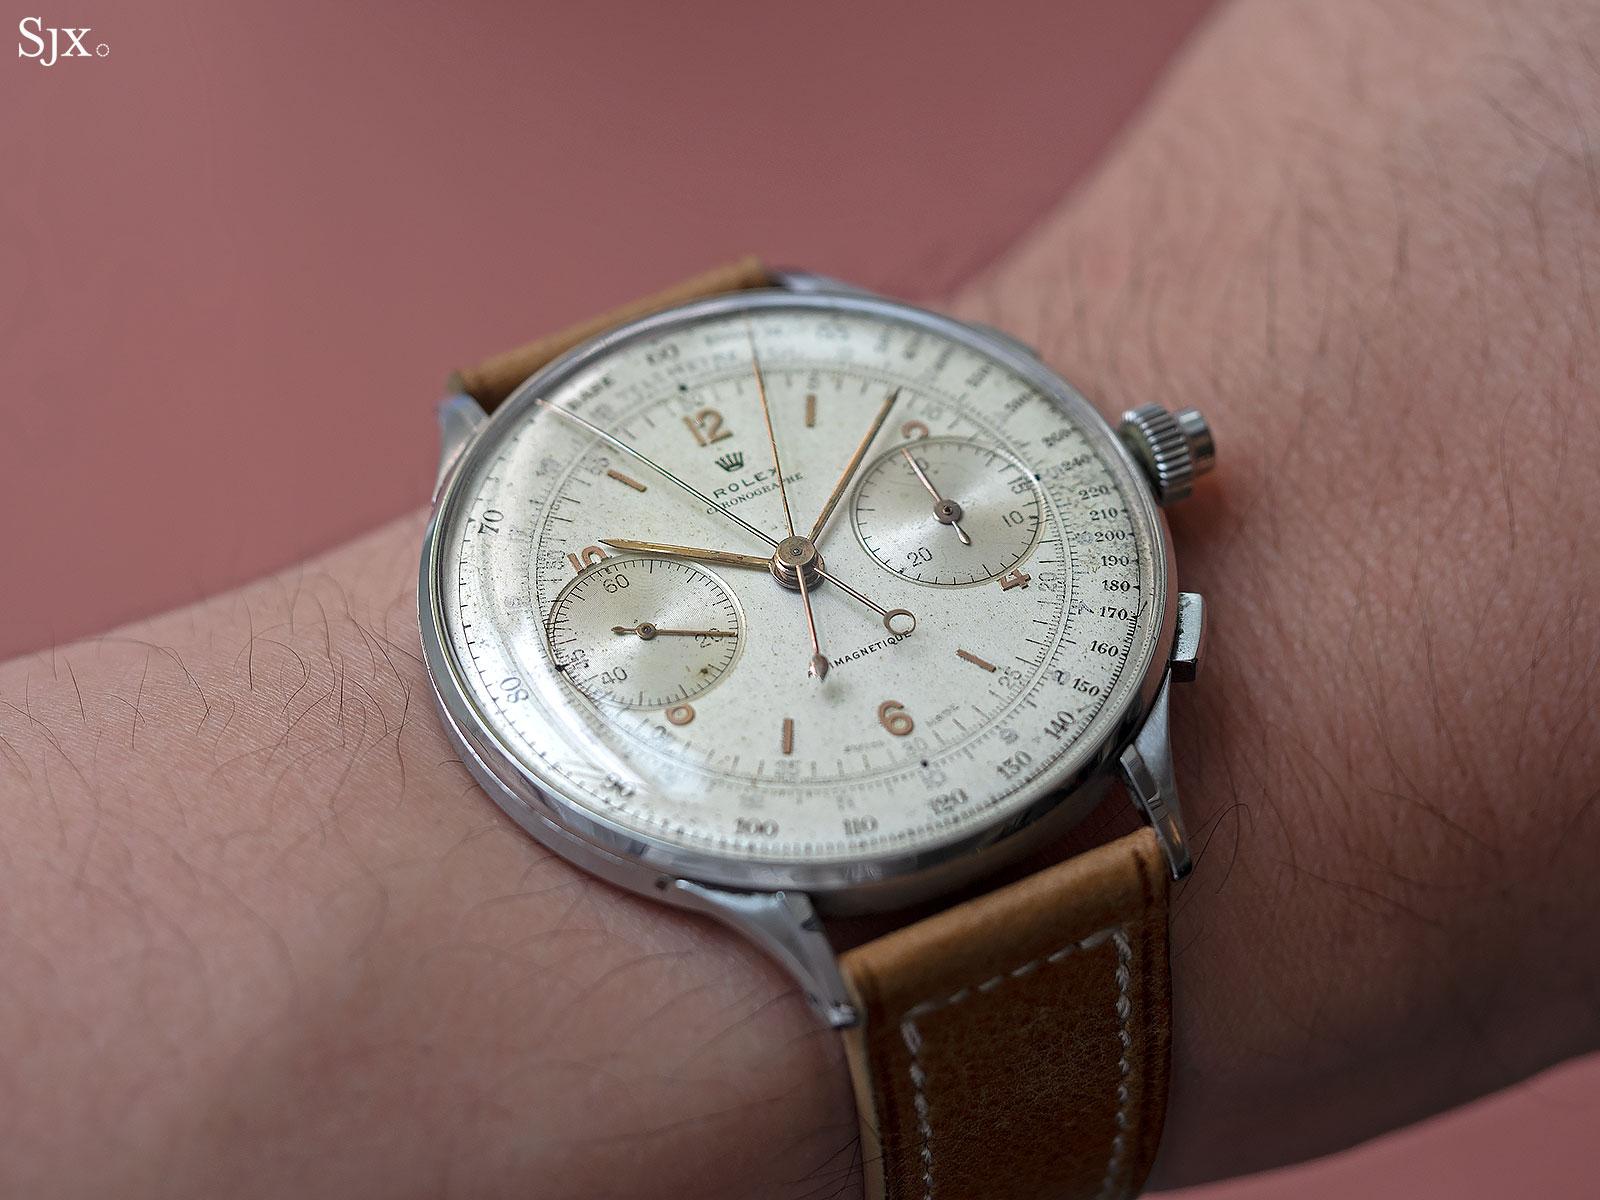 Rolex 4113 split seconds chronograph 9